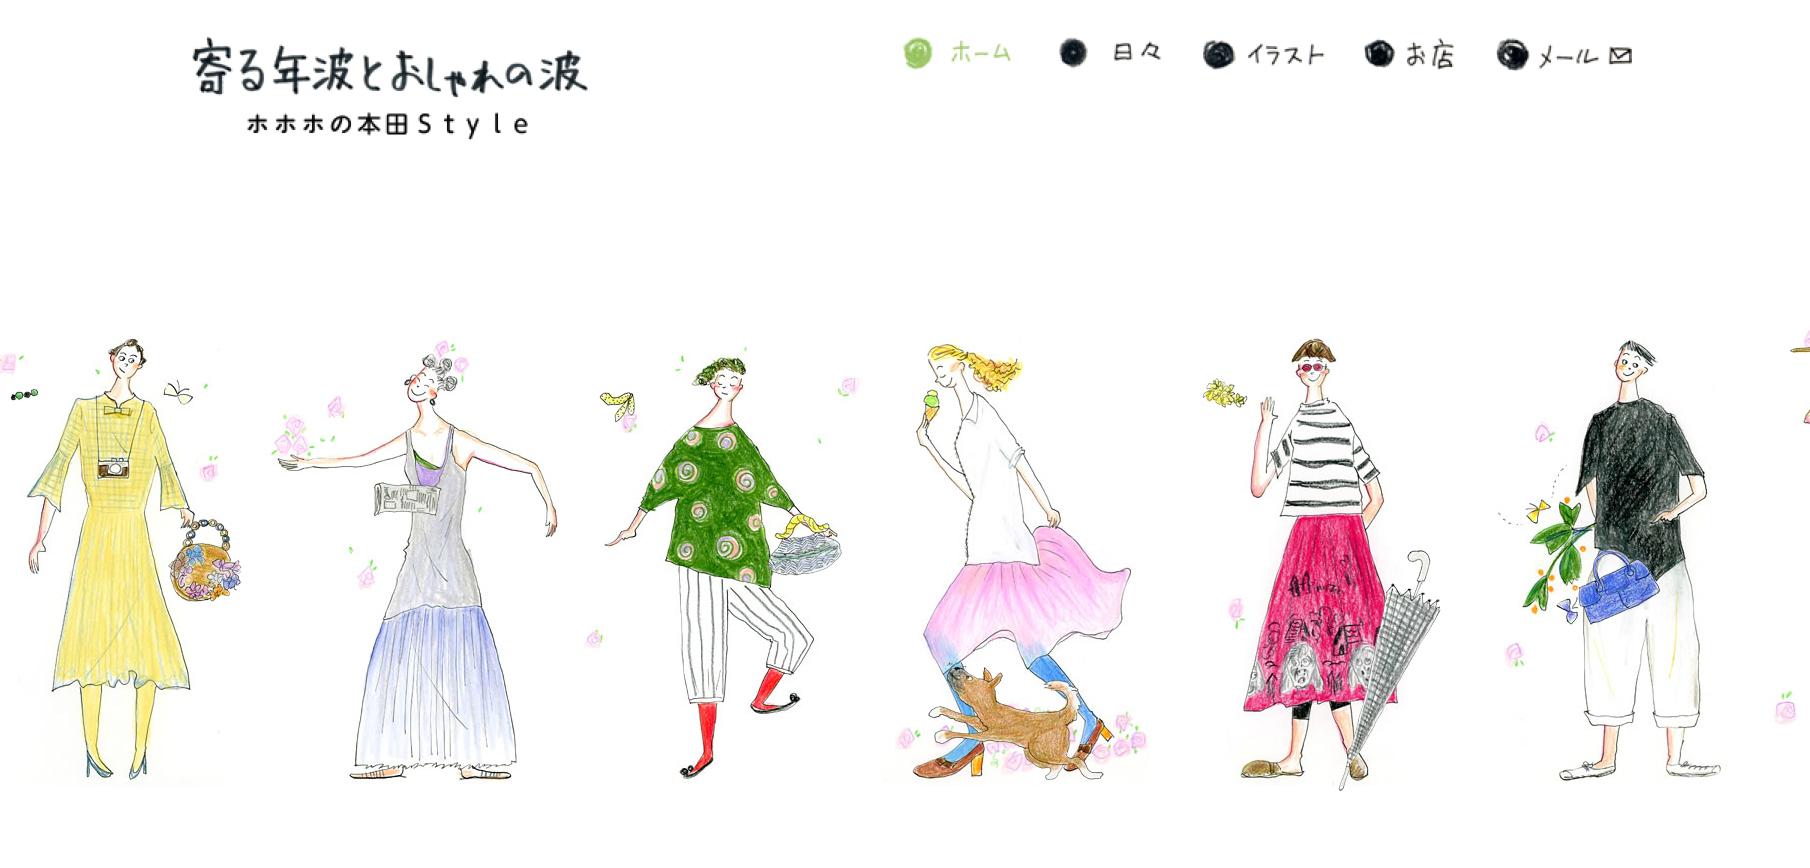 2012年3月アーカイブ   イラスト 寄る年波とおしゃれの波 ホホホの本田style